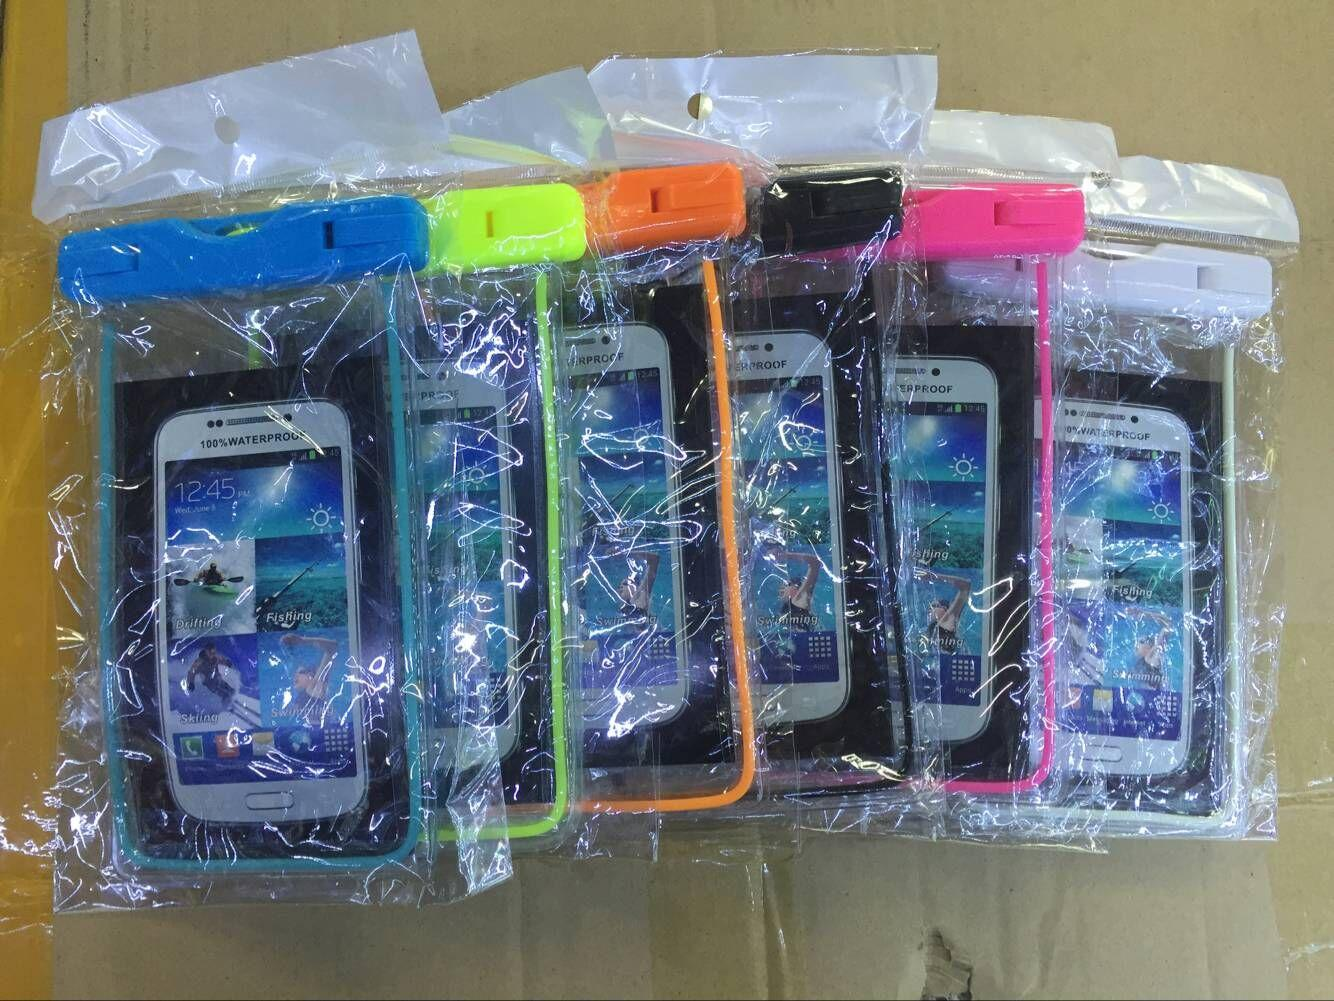 Luiminous водонепроницаемый чехол сумка плавание дайвинг телефон чехол для iphone 7plus 7 Samsung s8pus s8 универсальный